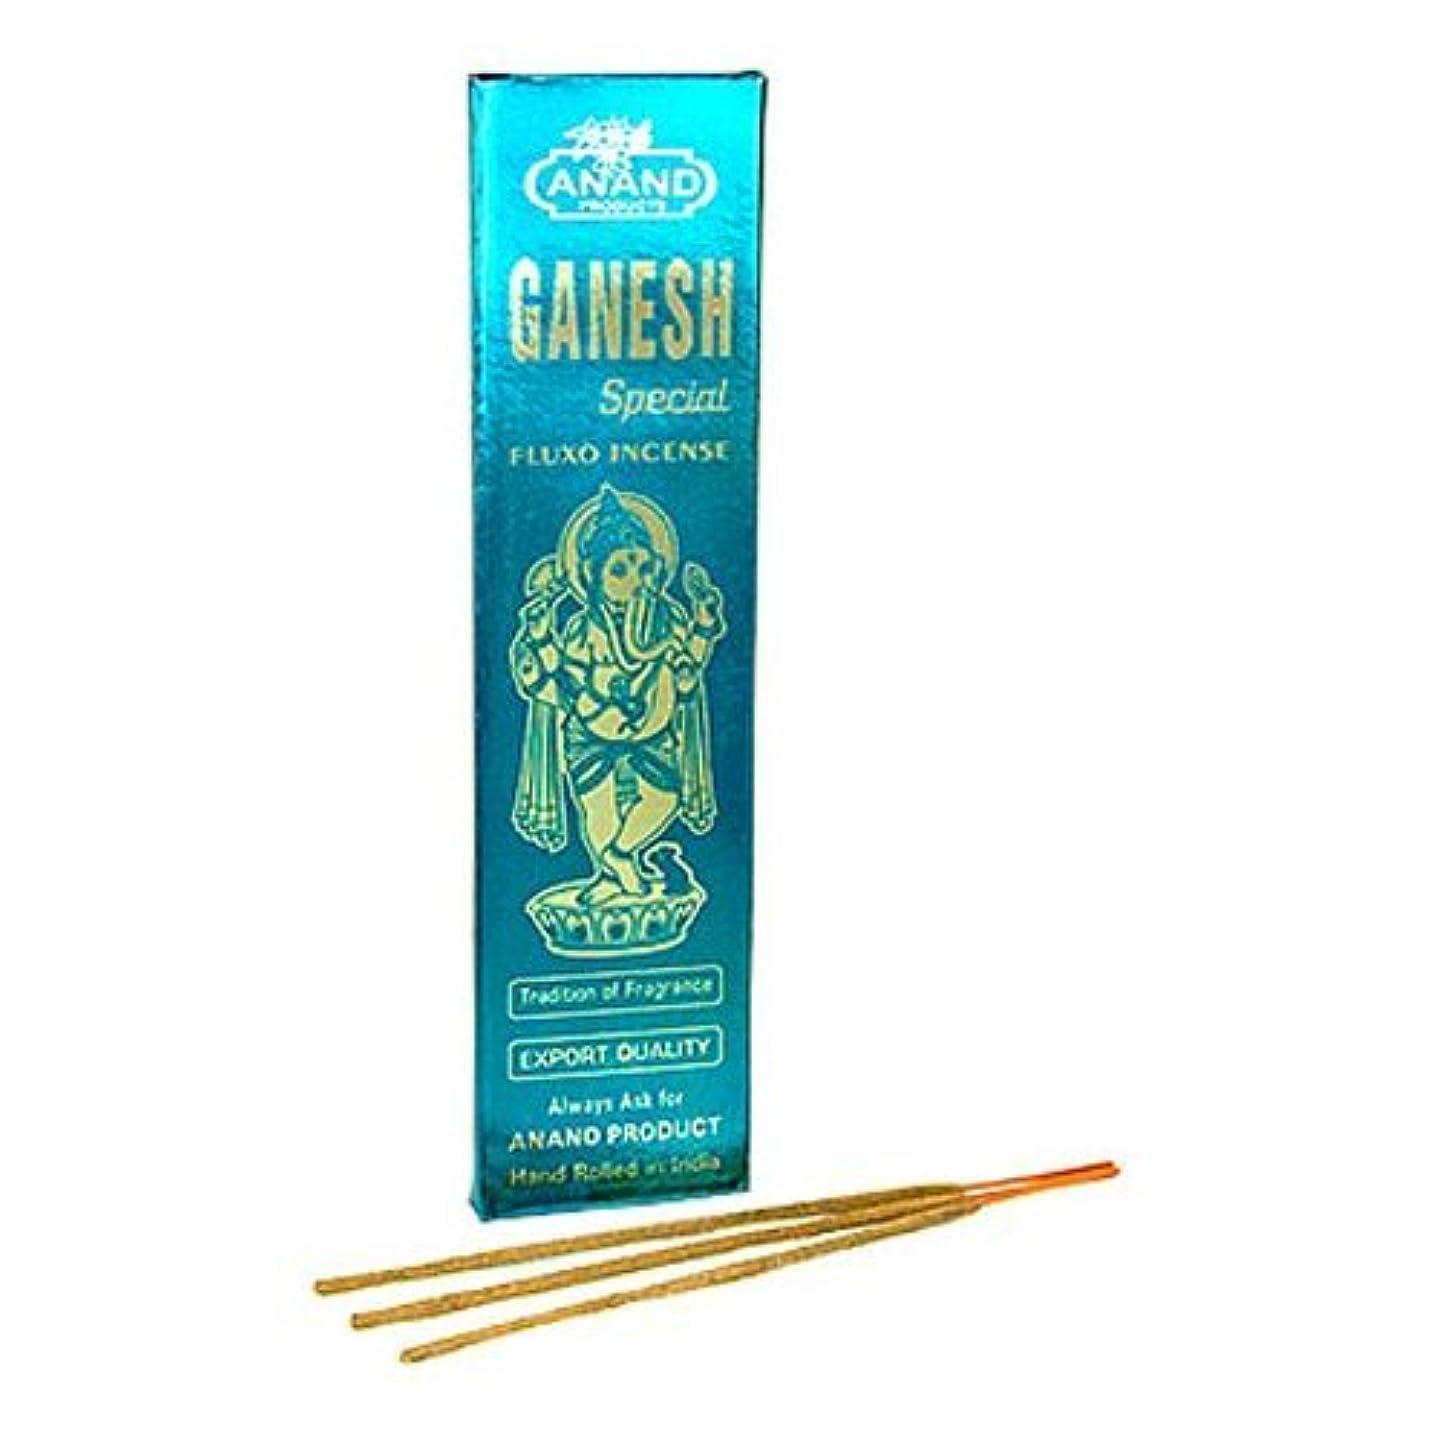 鷲スペシャリスト繰り返しGanesh特別なfluxo incense – 5パック、25グラム1パック